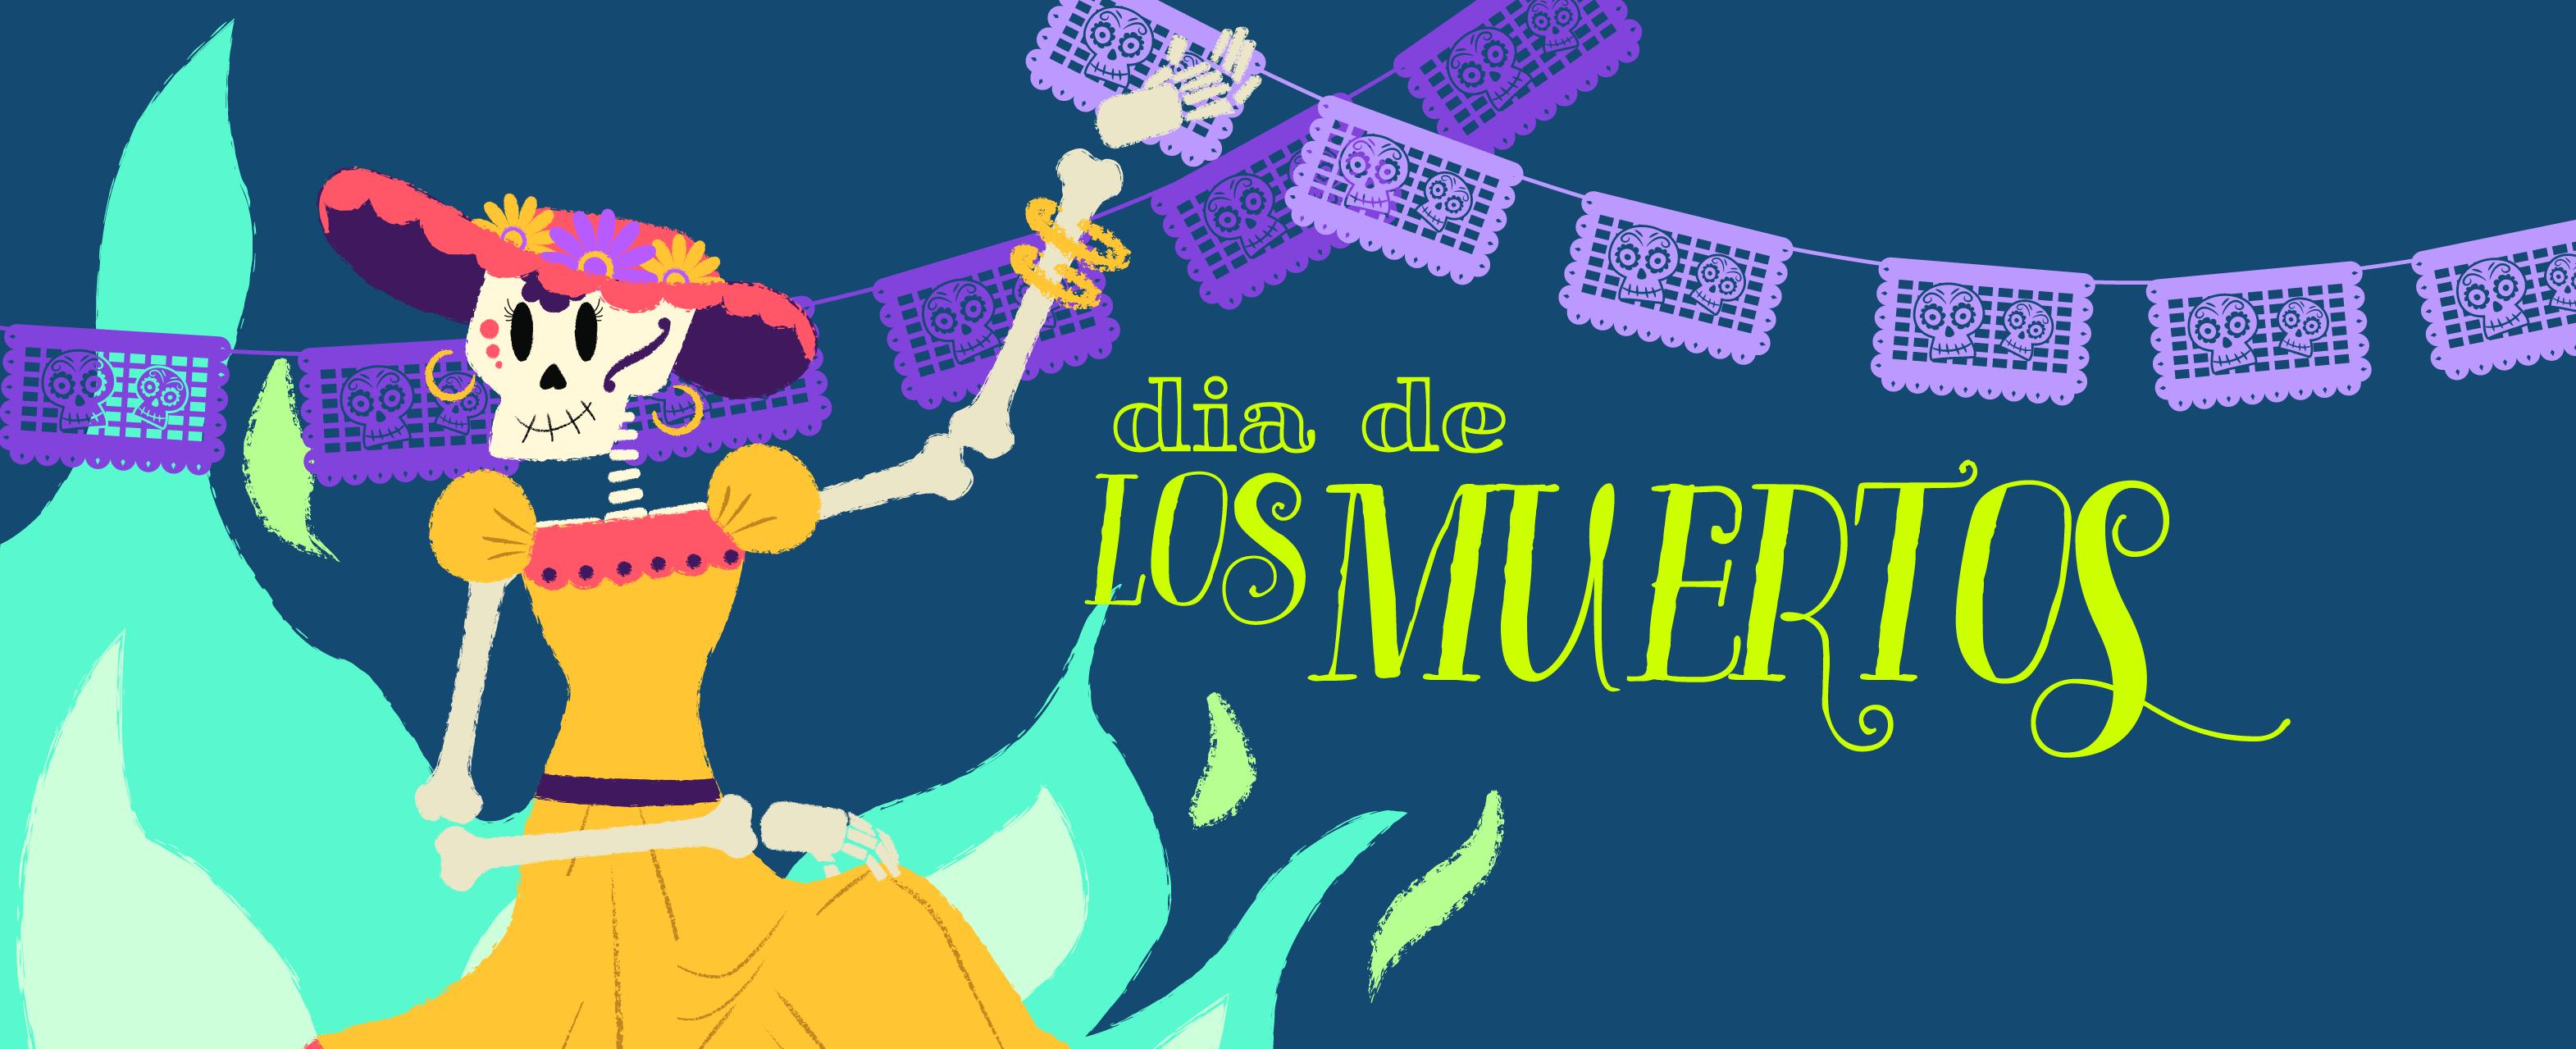 Dia de Los Muertos: festa, memórias e família